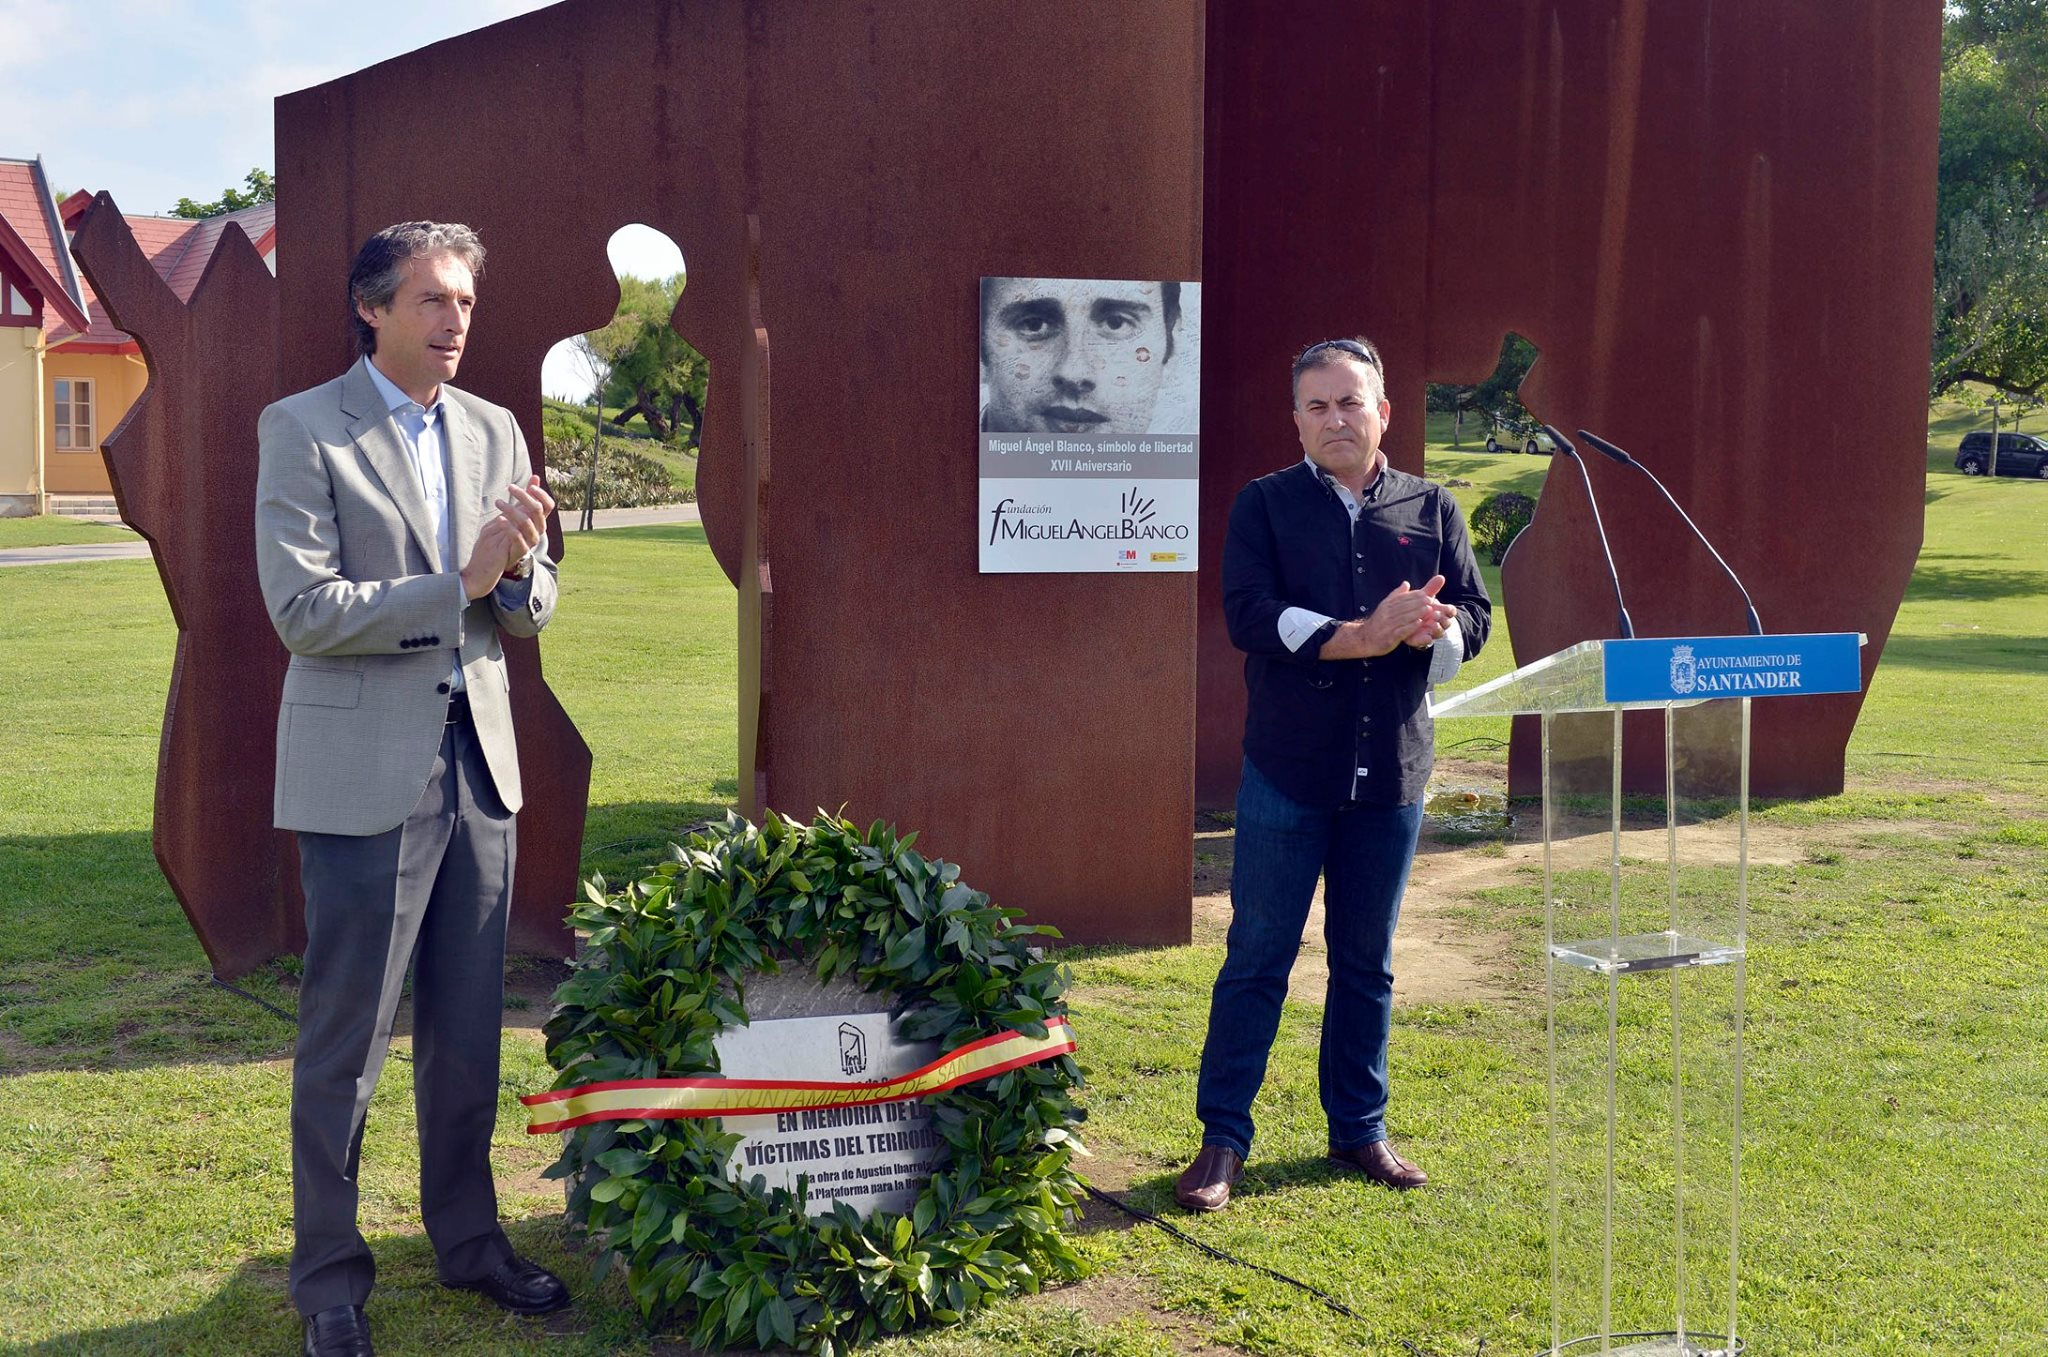 Acto homenaje a Miguel Ángel Blanco en el XVII Aniversario en Santander.